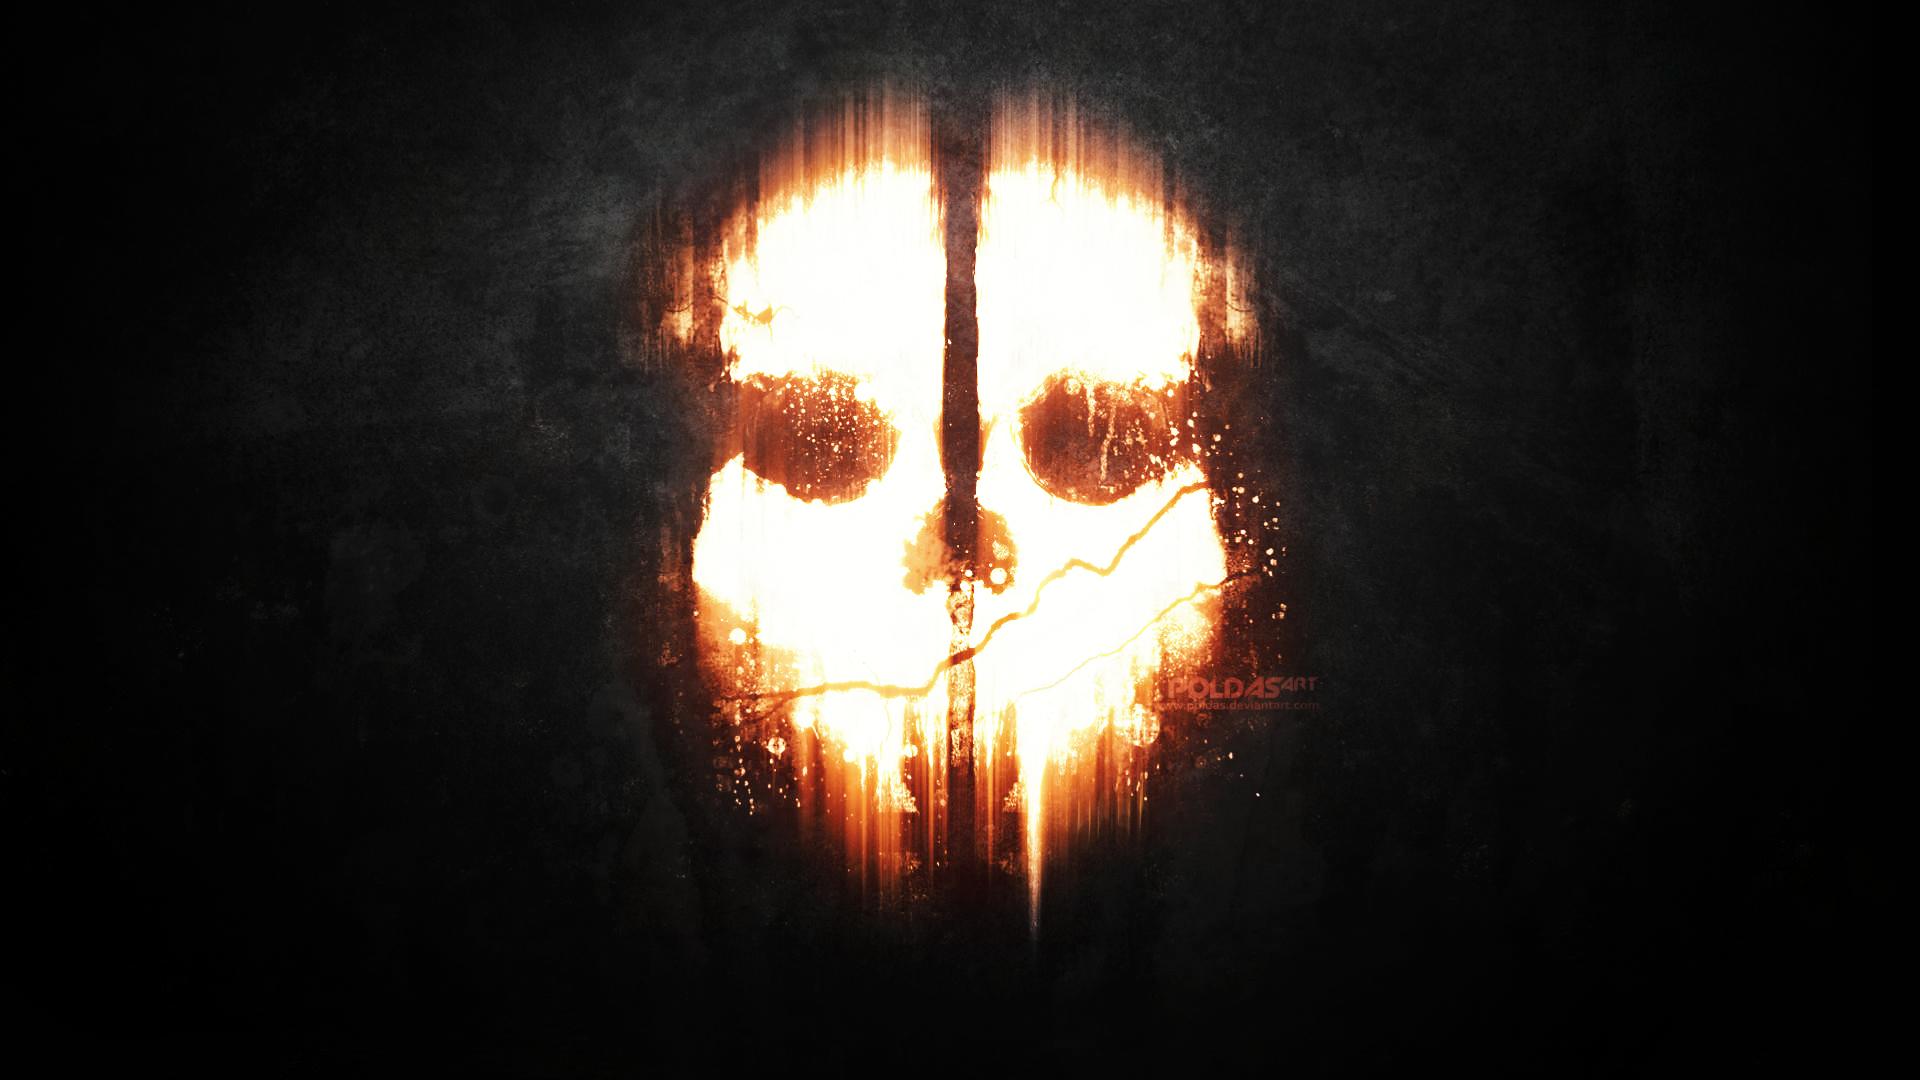 Call of Duty Ghosts dark mask skull wallpaper | 1920x1080 | 220027 ...